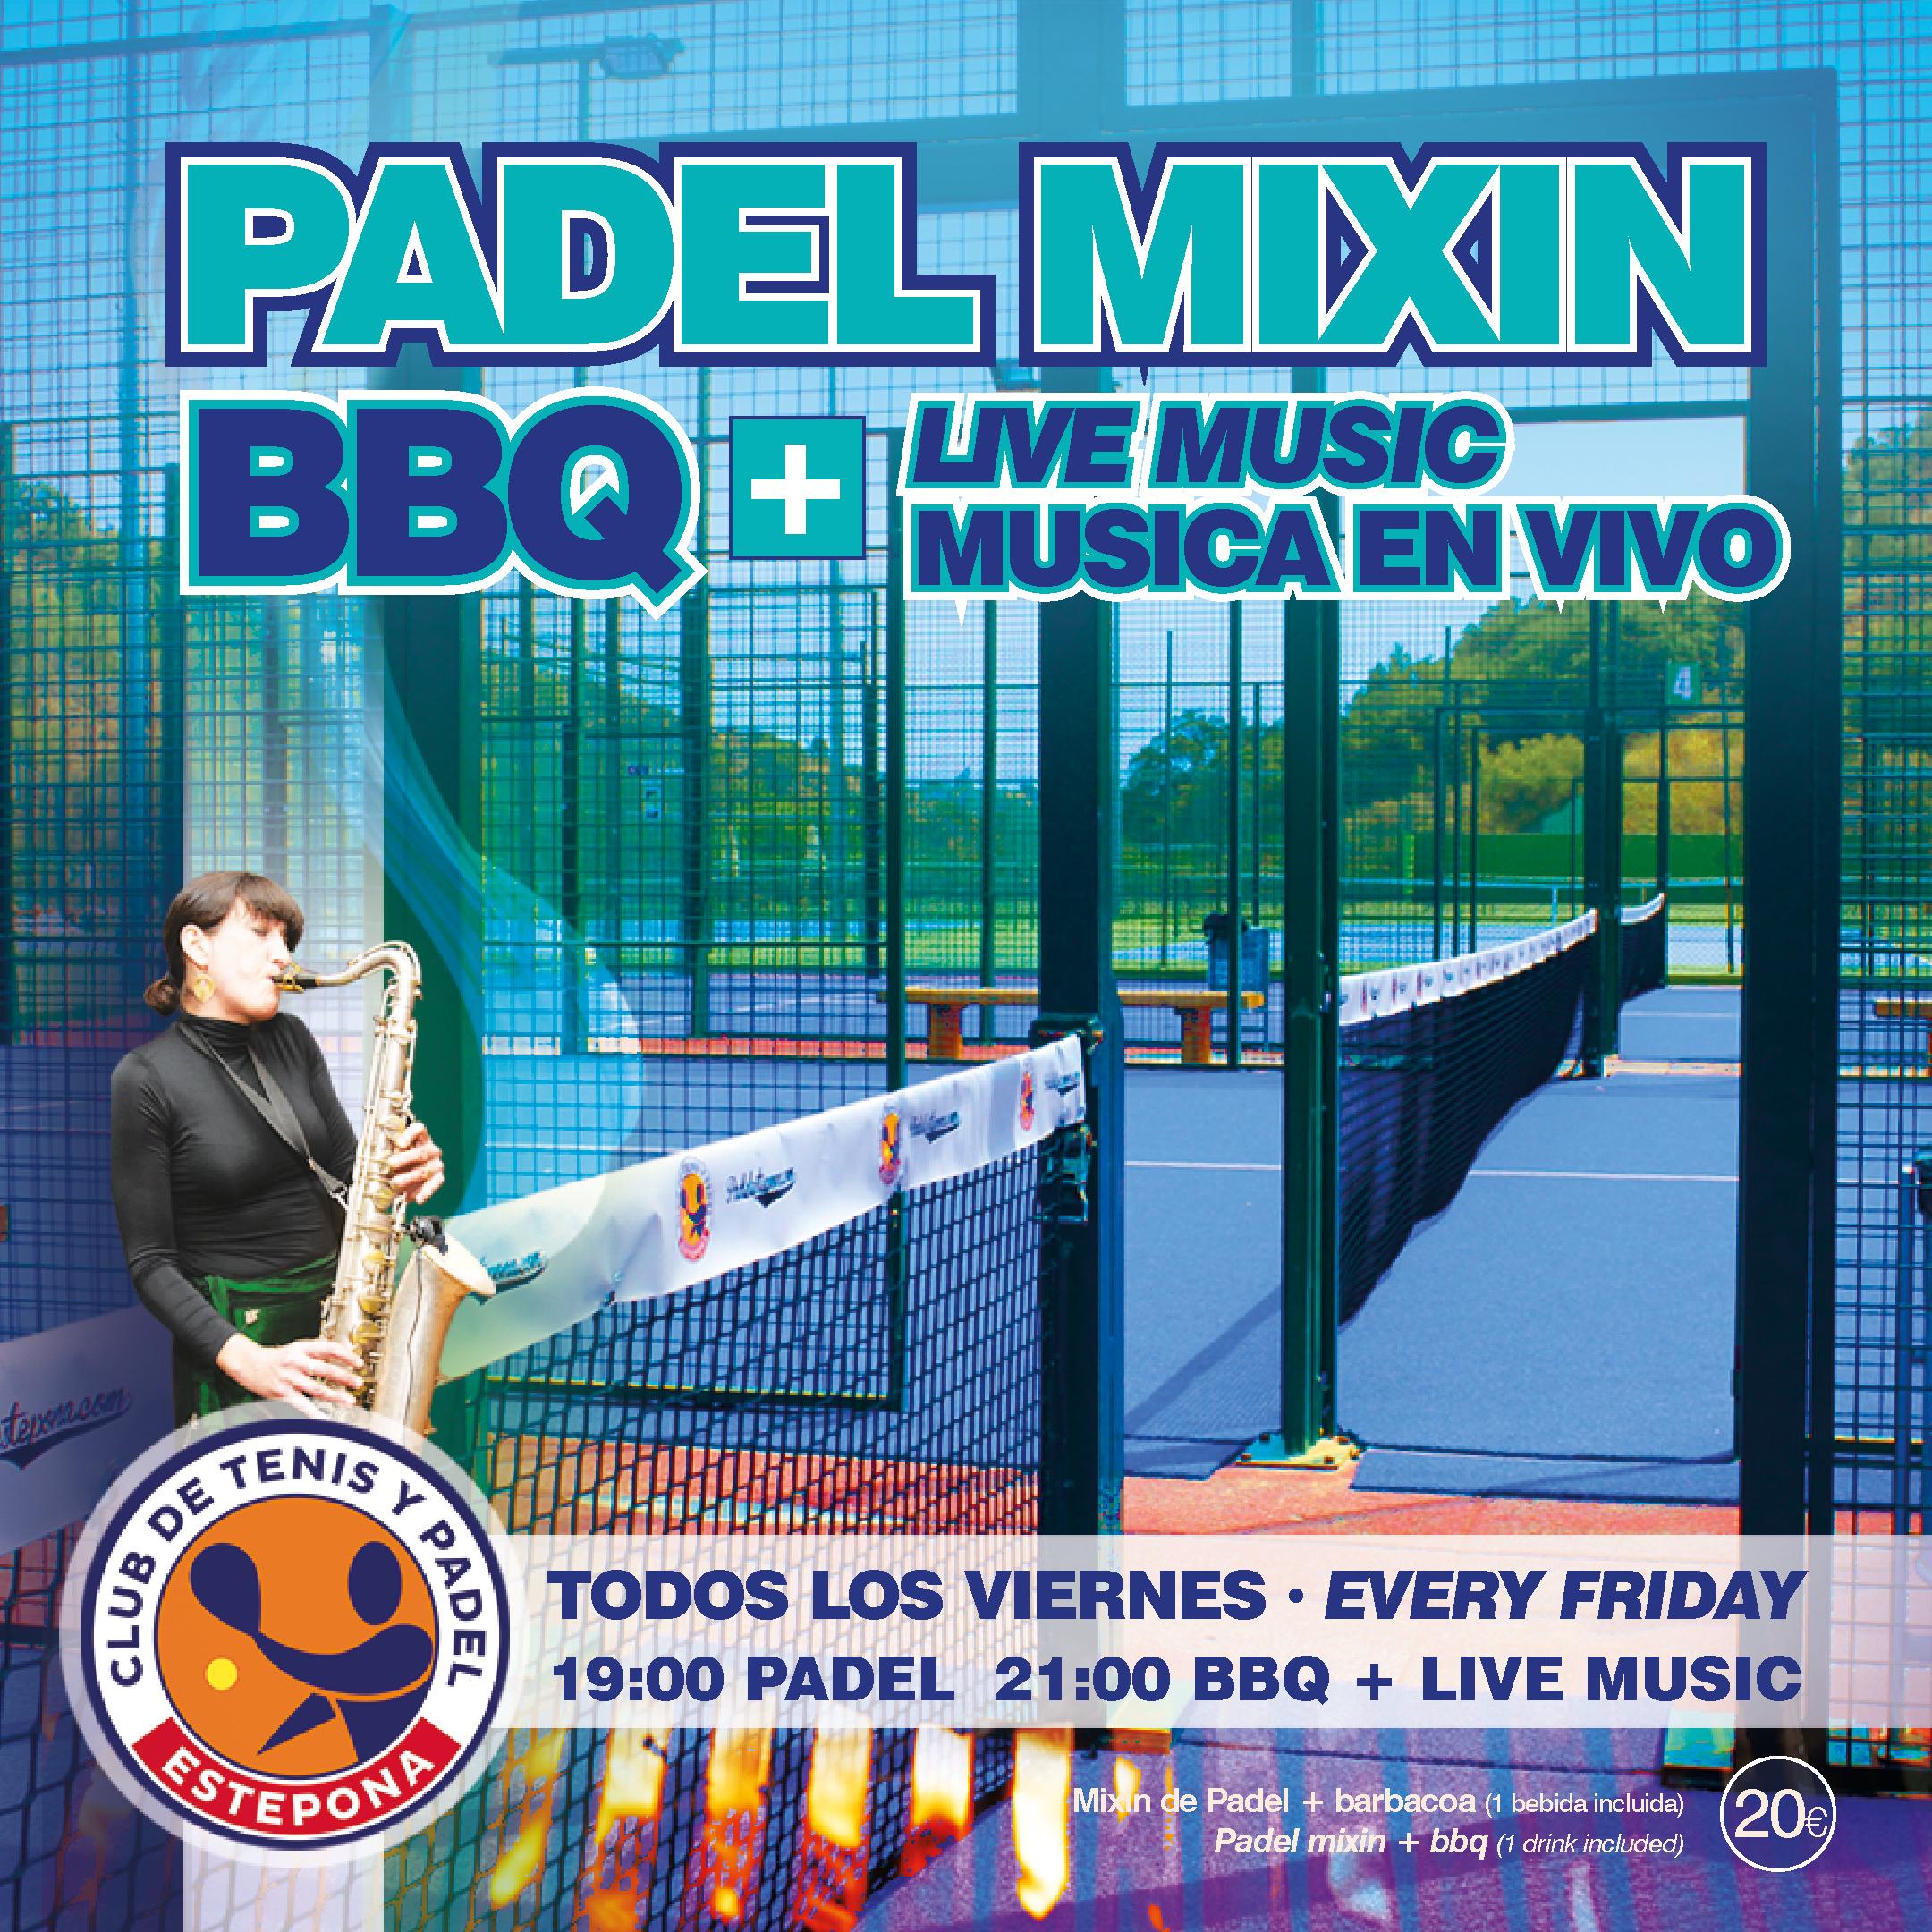 Musica en Vivo los viernes despues del mixin